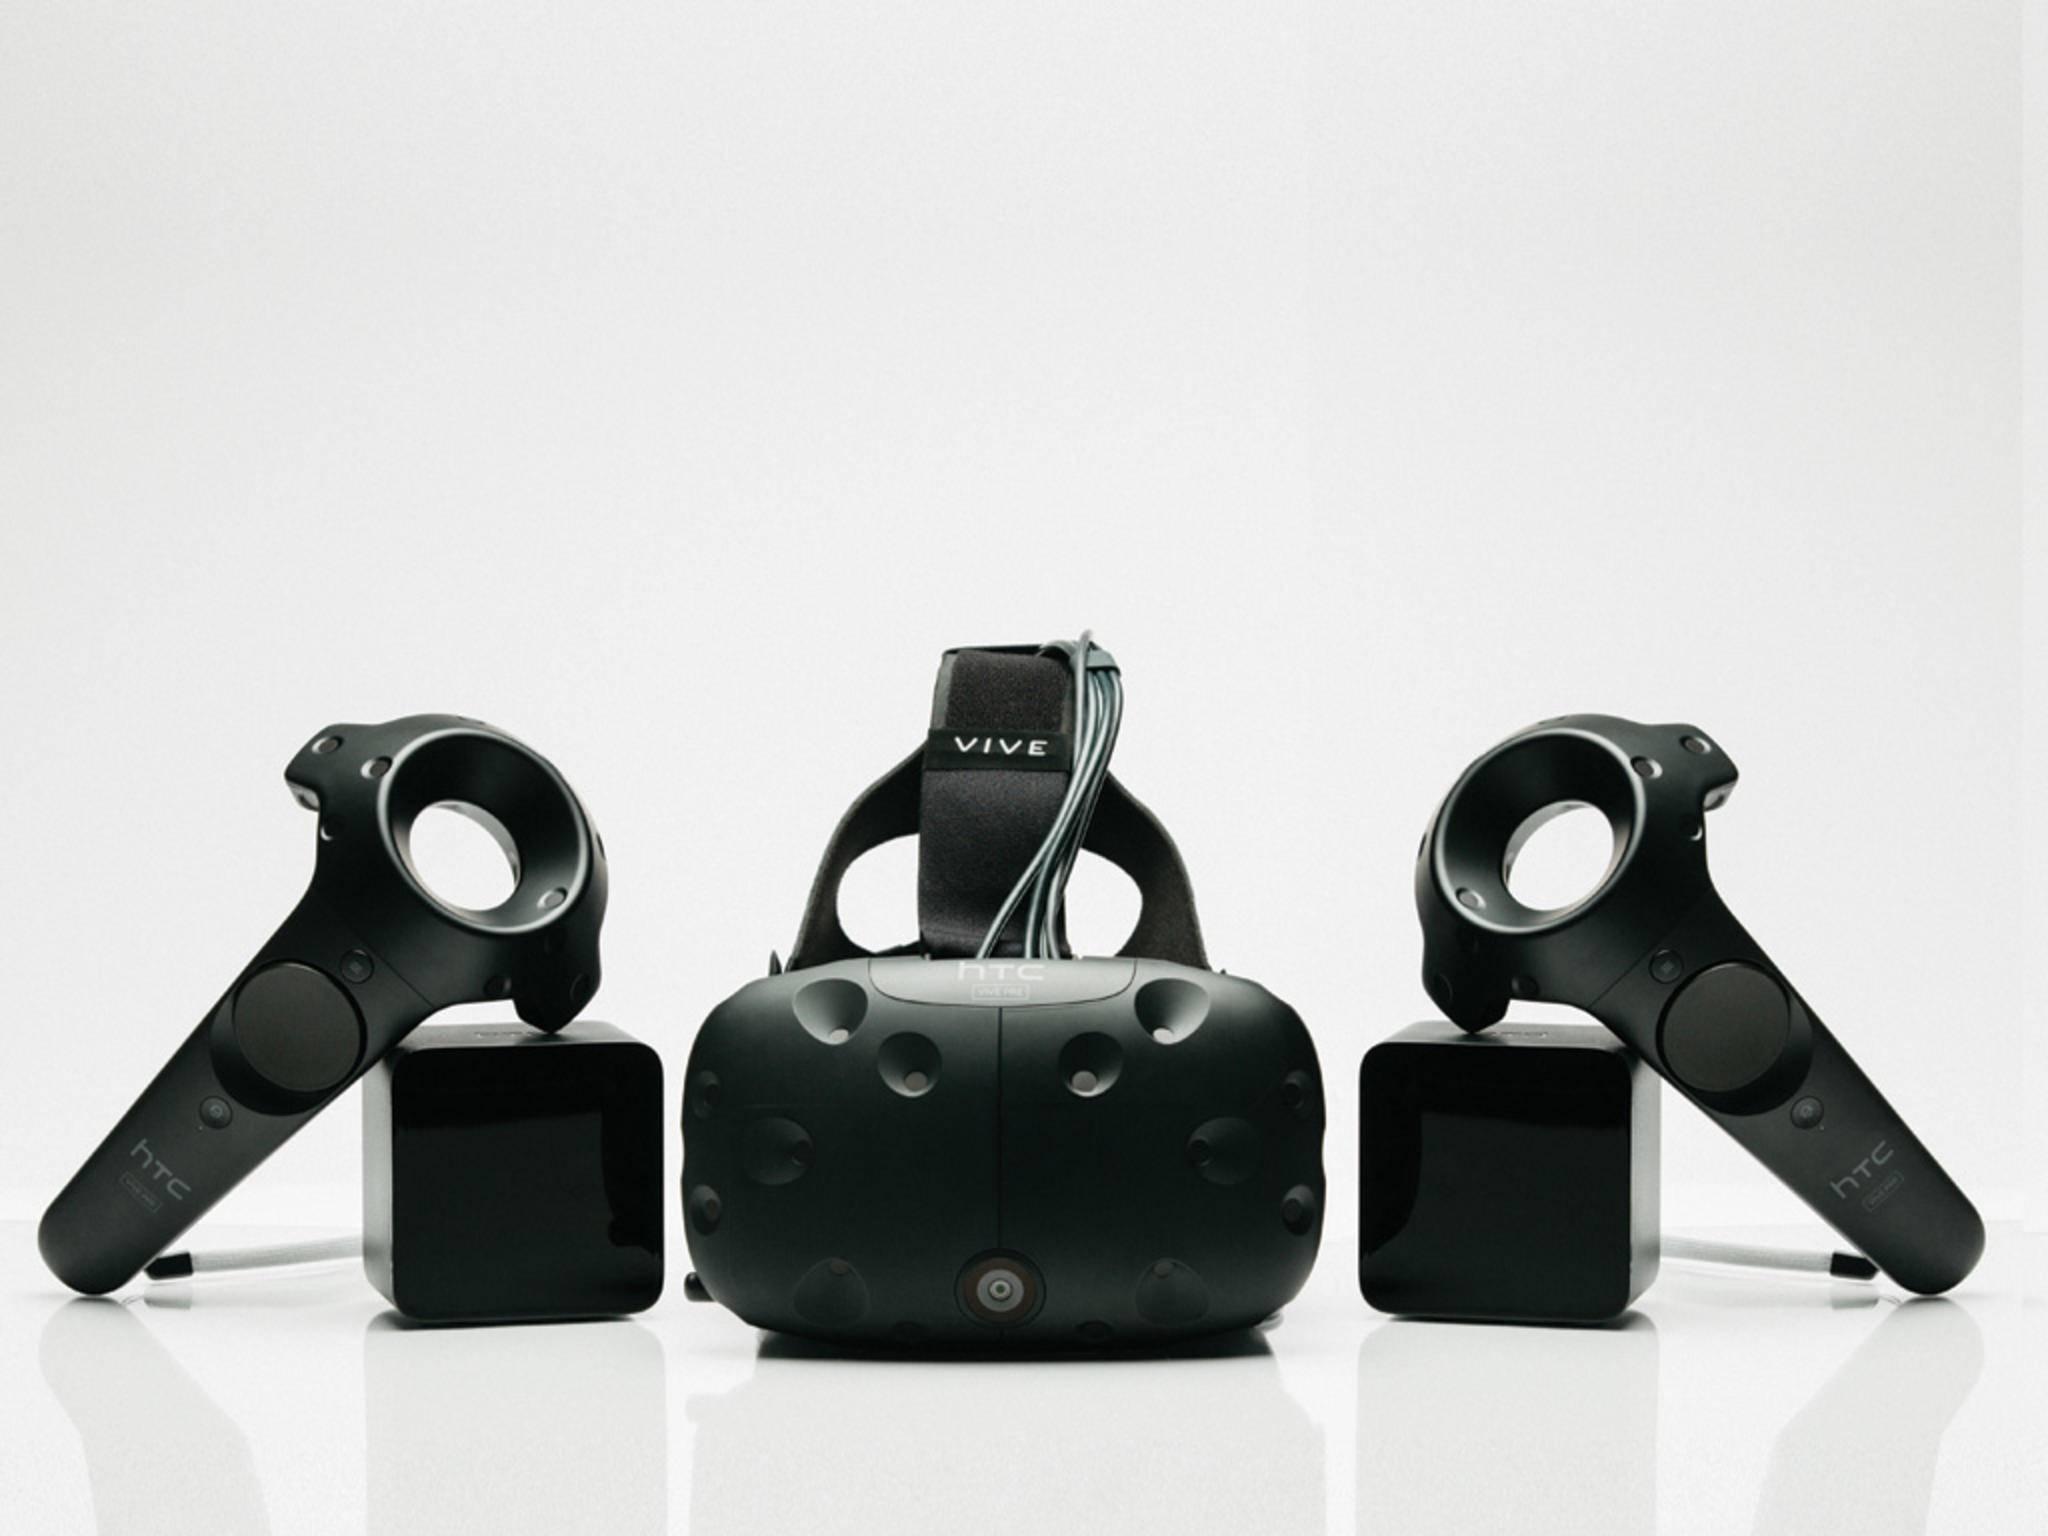 Die HTC Vive wird zusammen mit Controllern und Sensoren ausgeliefert, ...